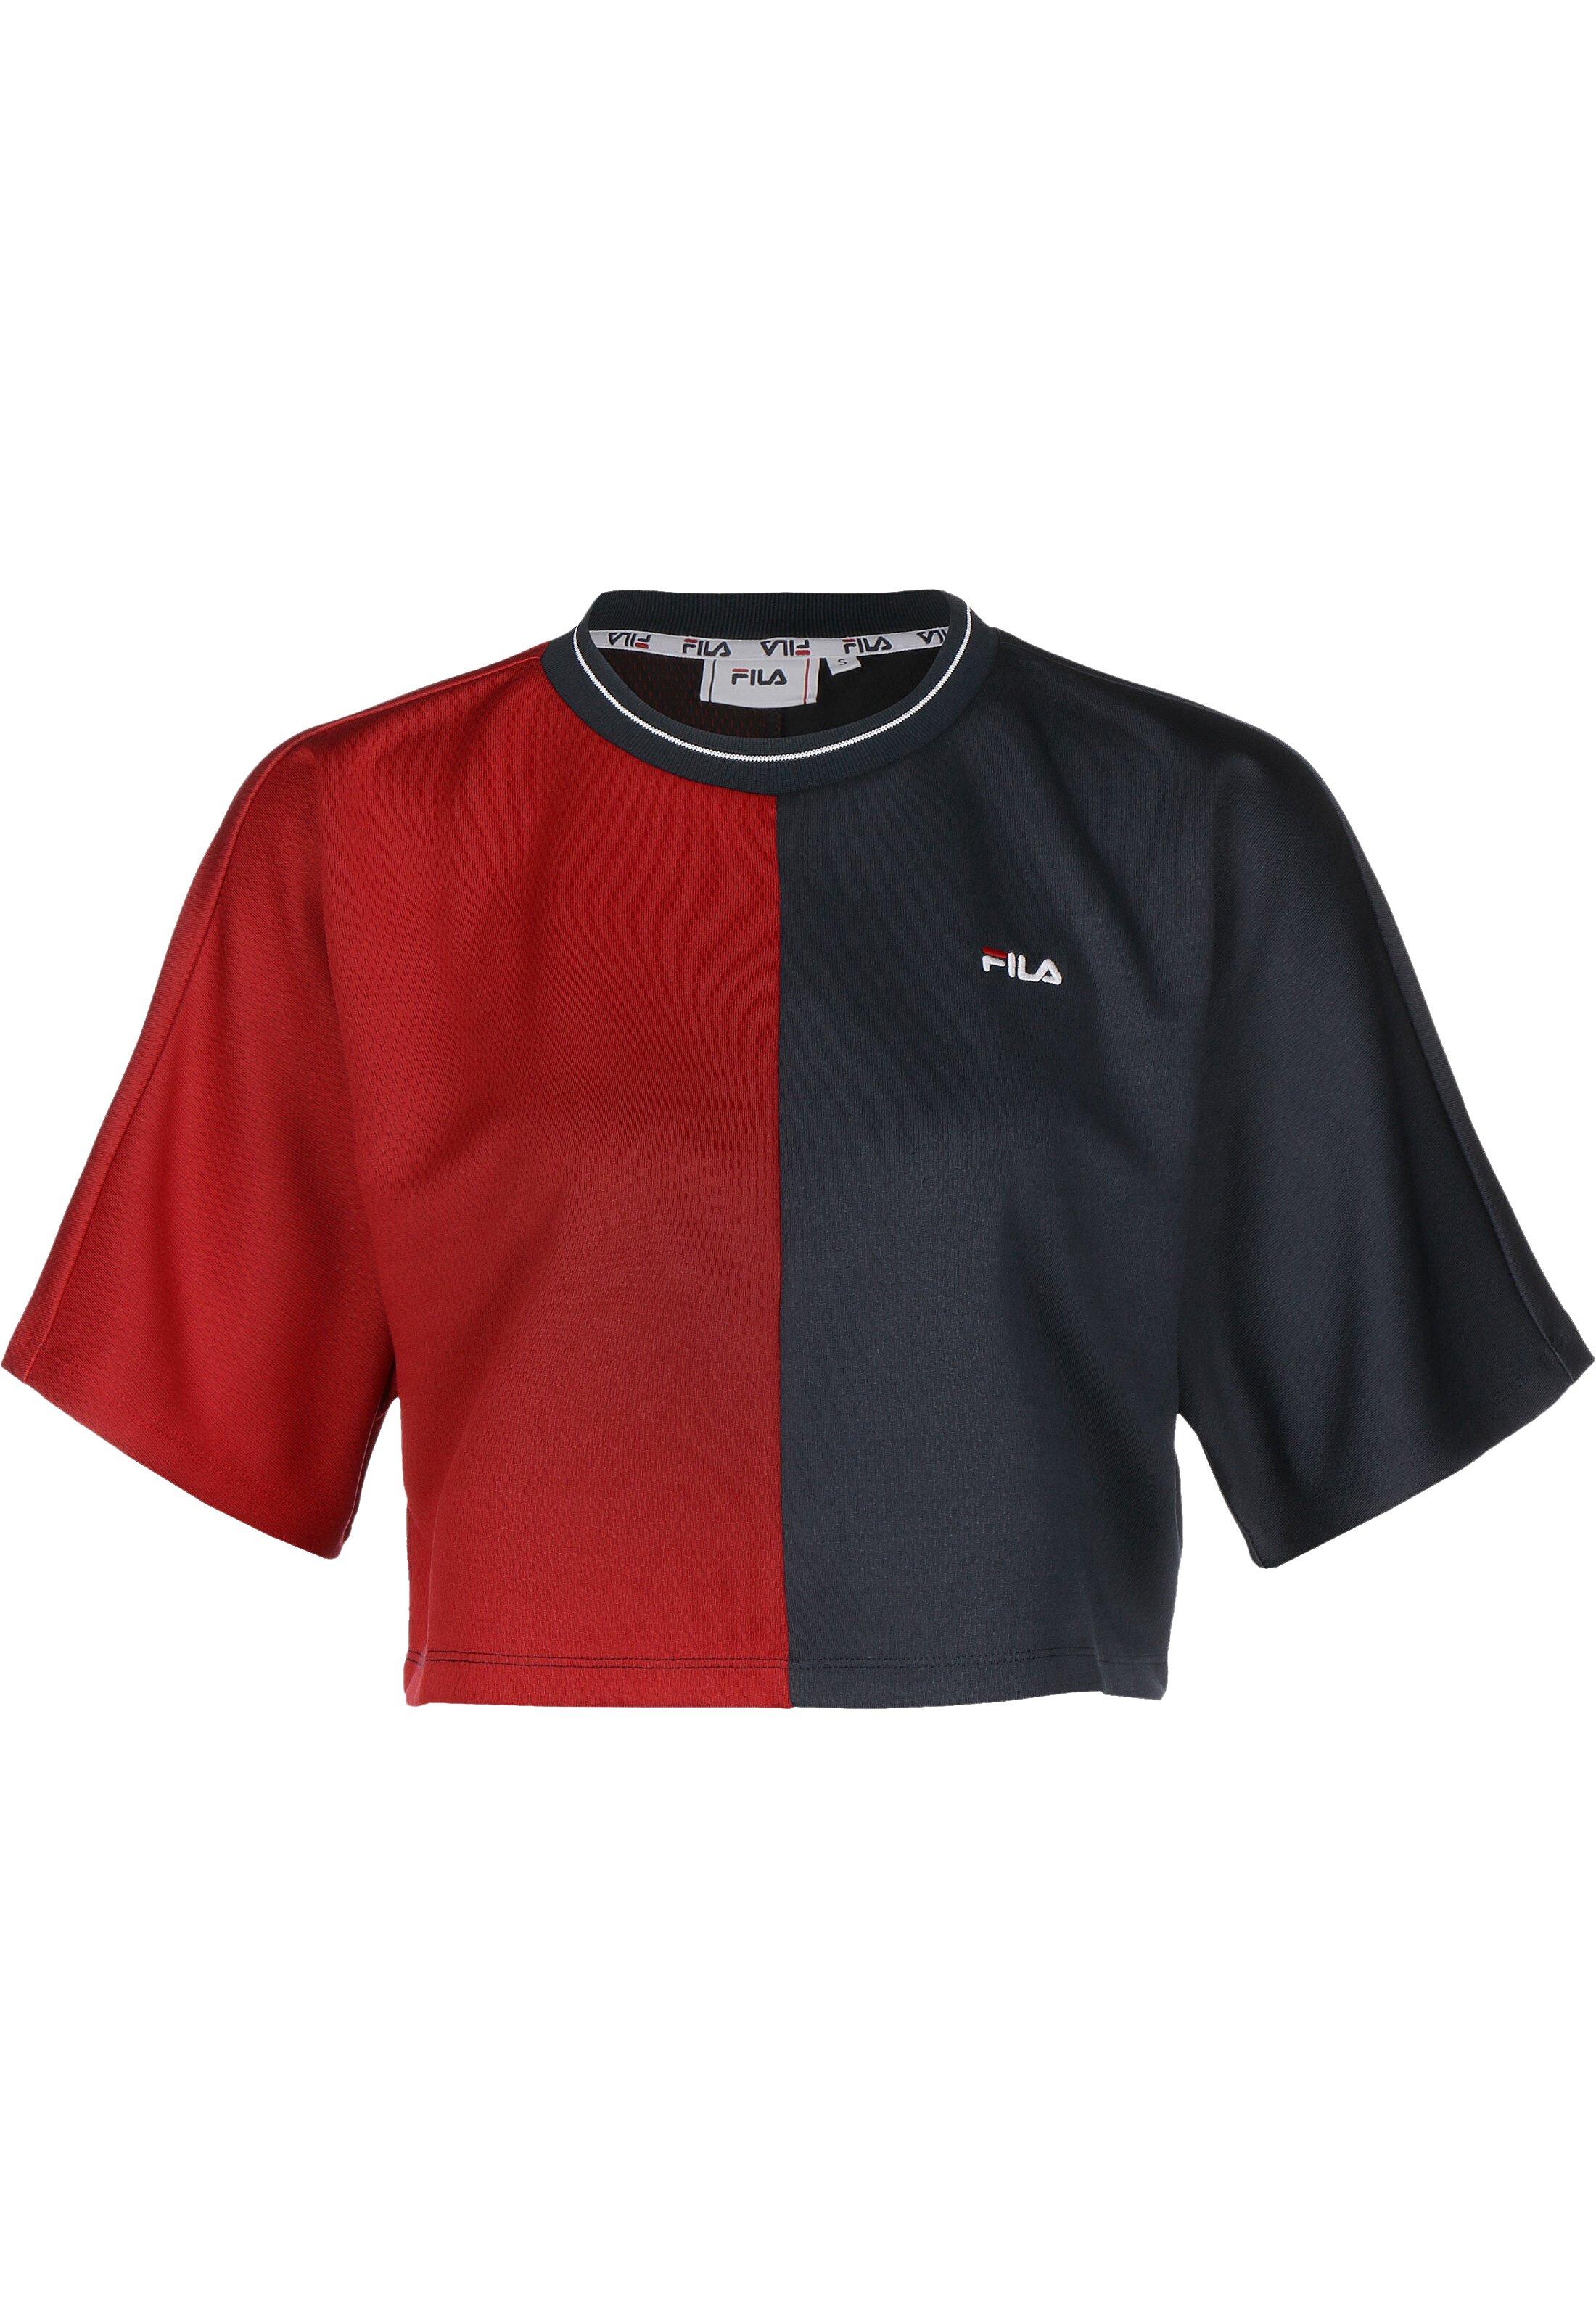 Fila T shirt imprimé black iristrue red ZALANDO.FR